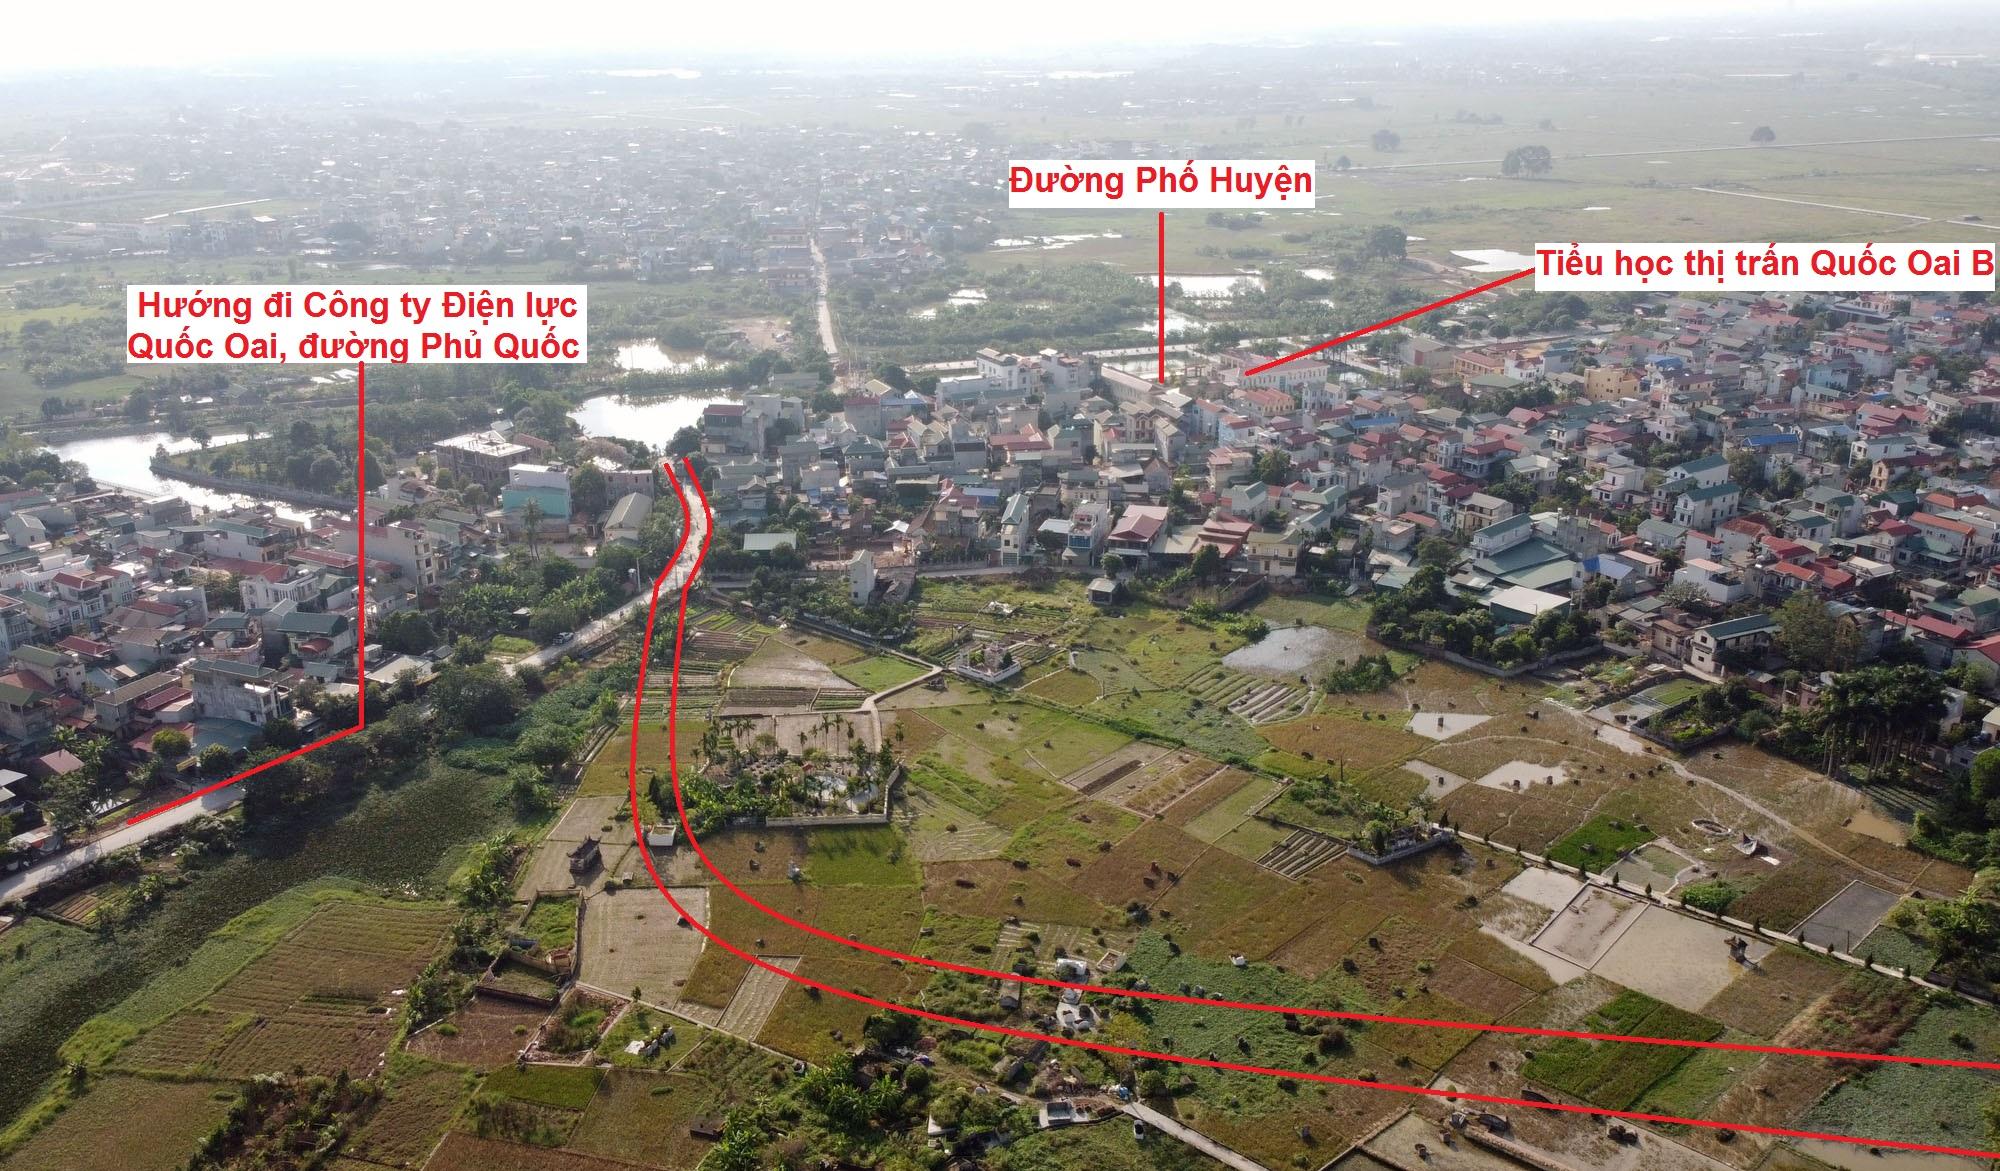 Ba đường sẽ mở theo qui hoạch ở thị trấn Quốc Oai, Quốc Oai, Hà Nội - Ảnh 14.